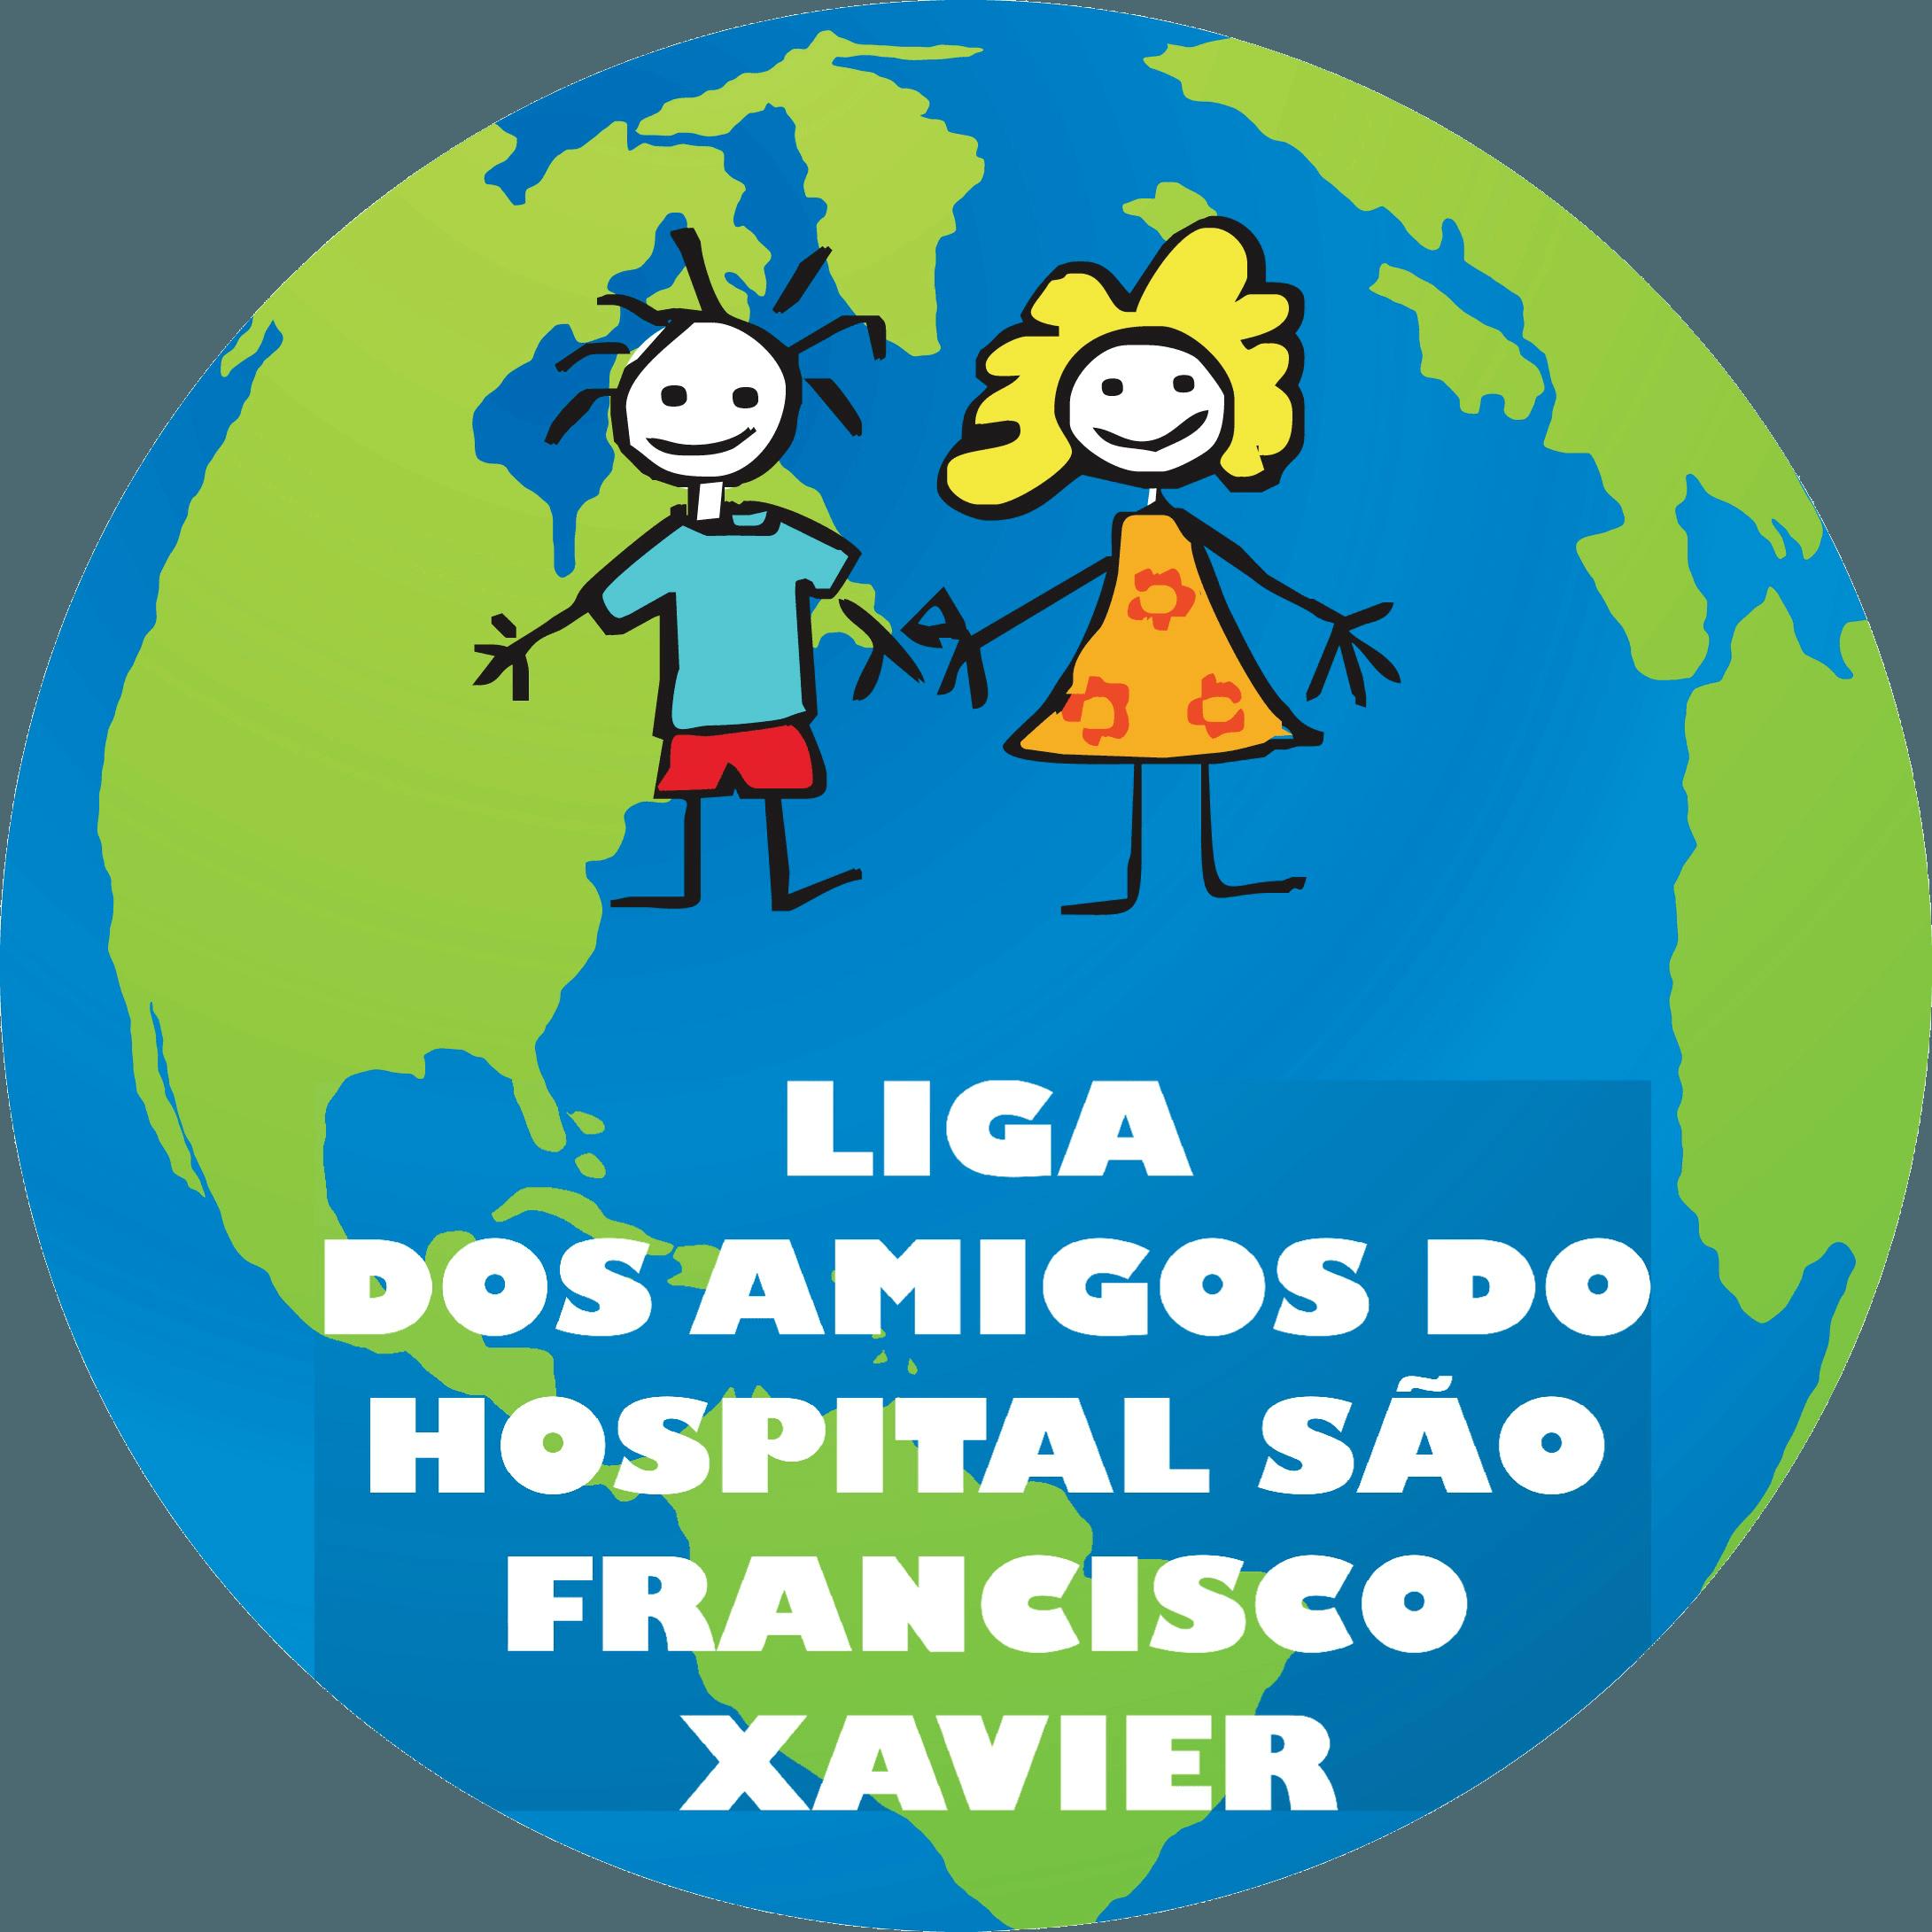 Liga dos Amigos do Hospital São Francisco Xavier